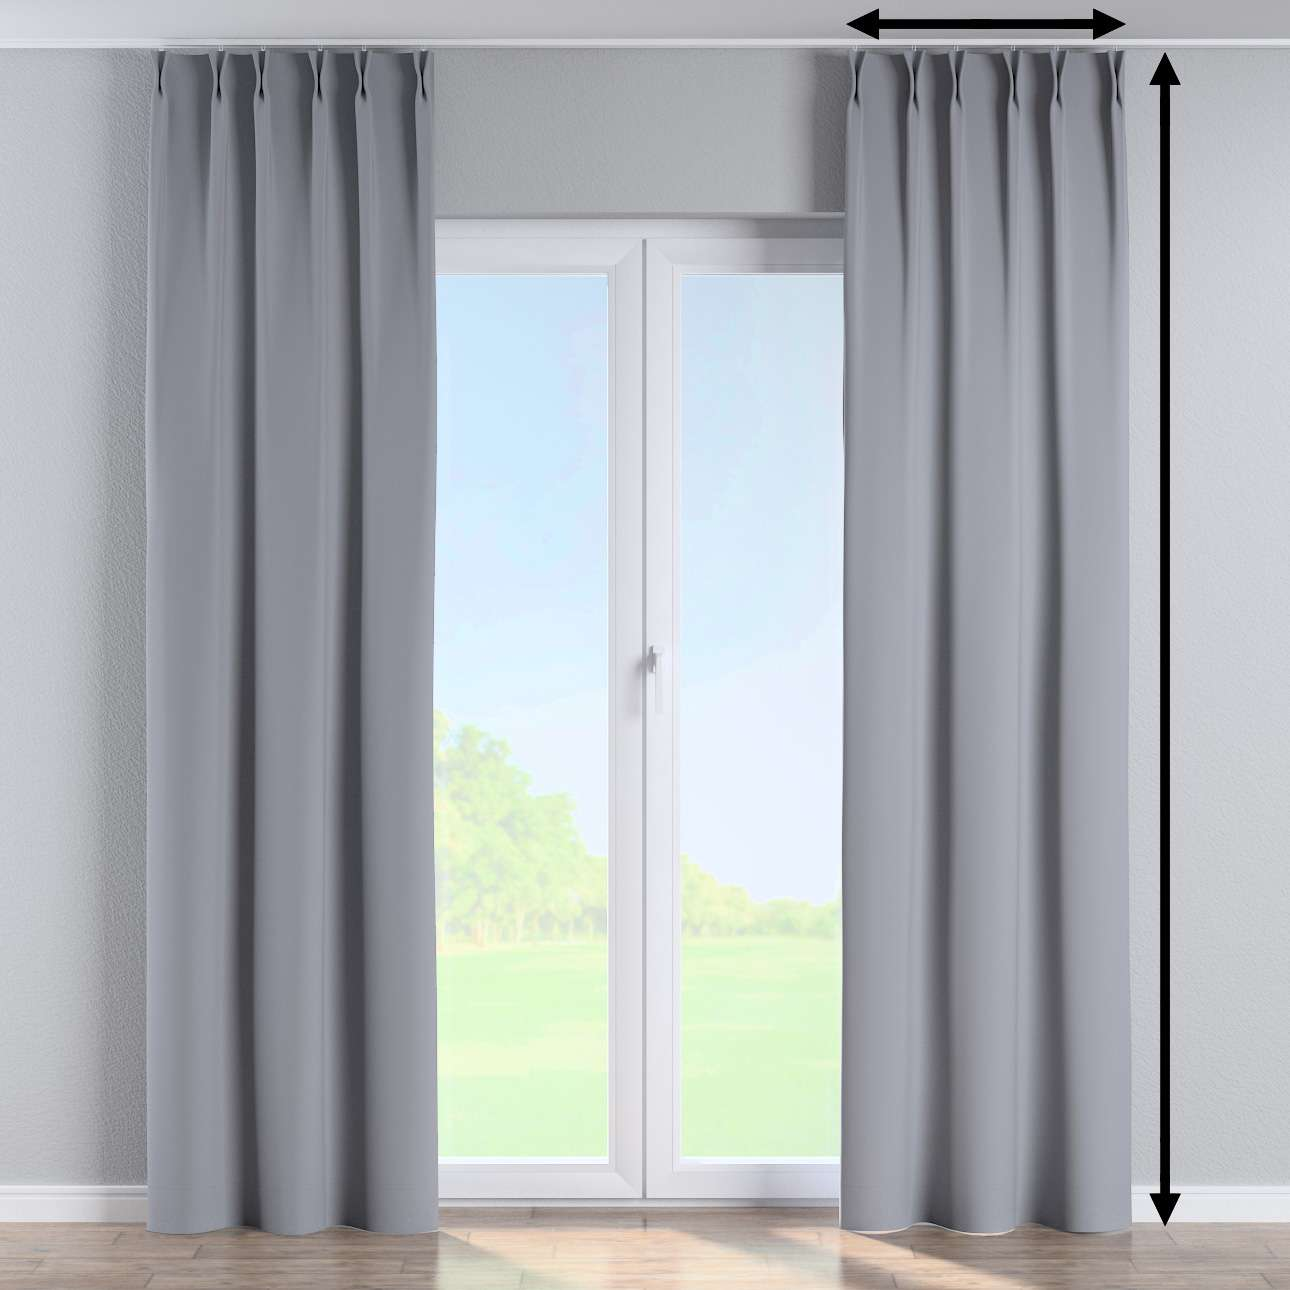 Vorhang mit flämischen Falten von der Kollektion Blackout (verdunkelnd), Stoff: 269-96